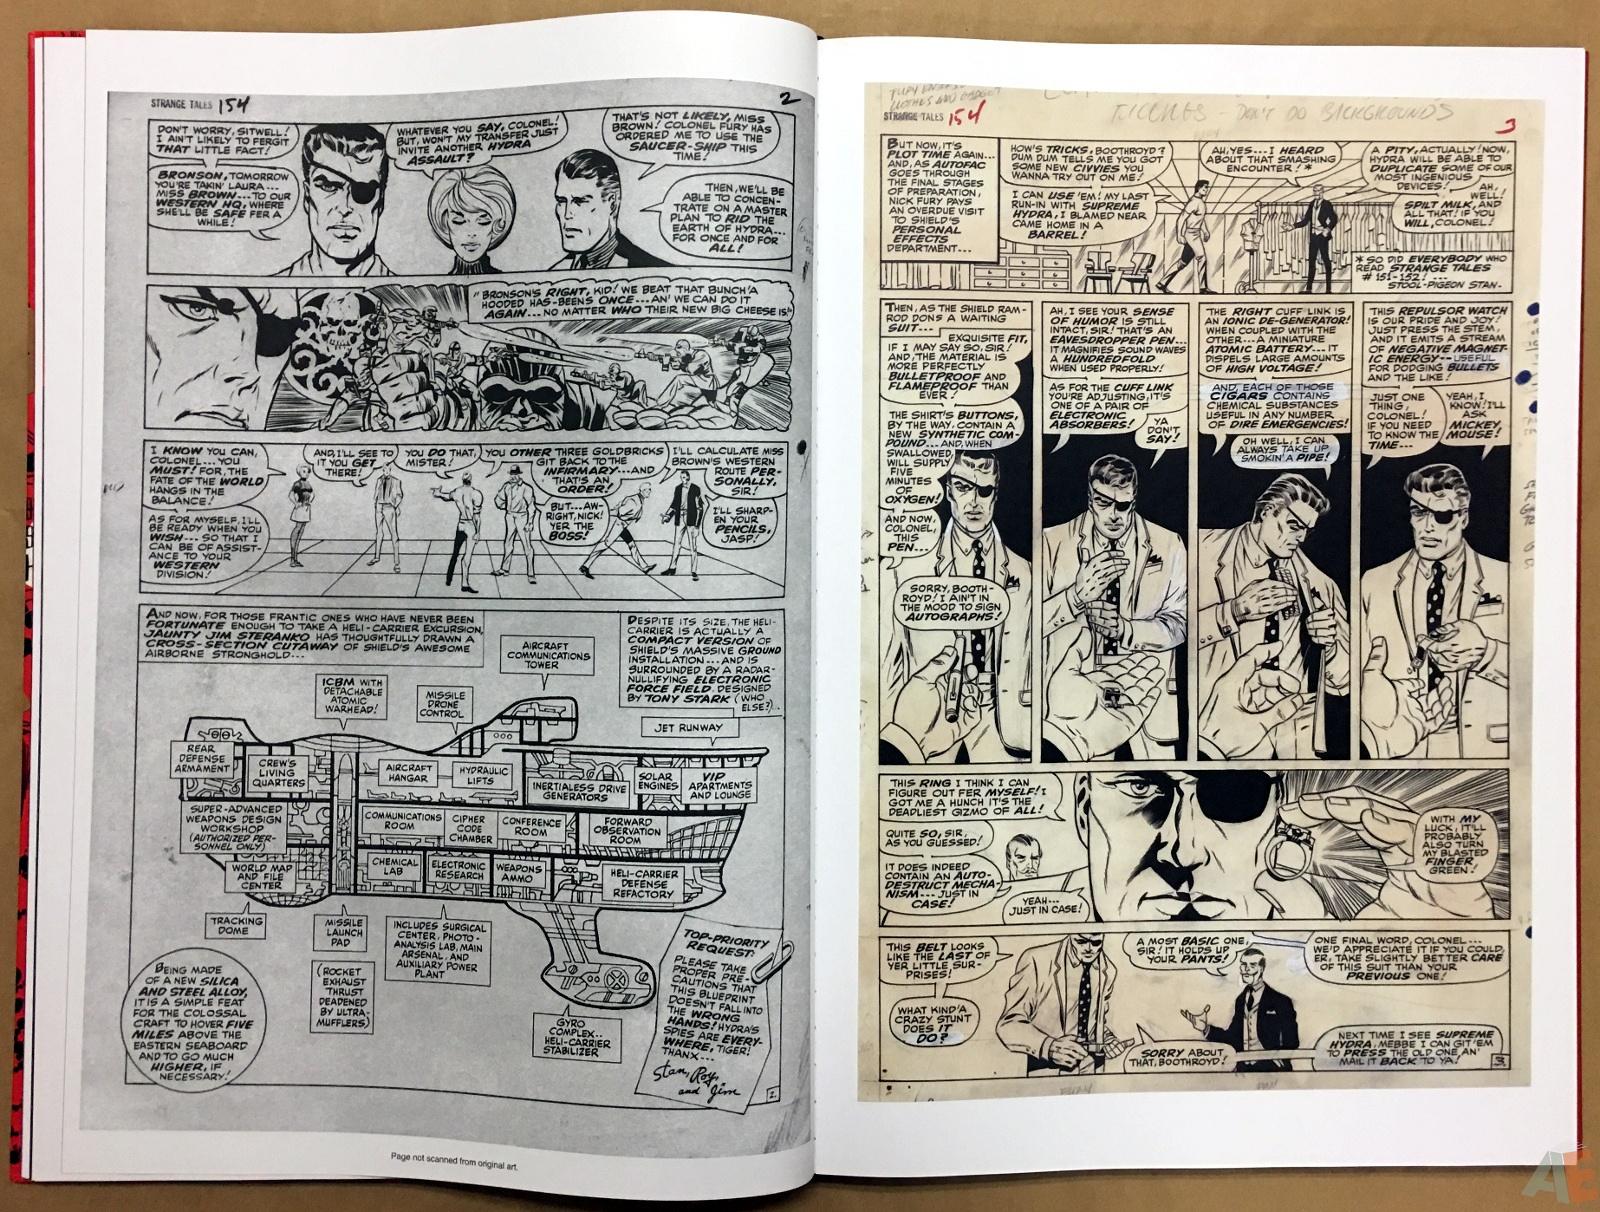 Steranko Nick Fury Agent of S.H.I.E.L.D. Artist's Edition 20